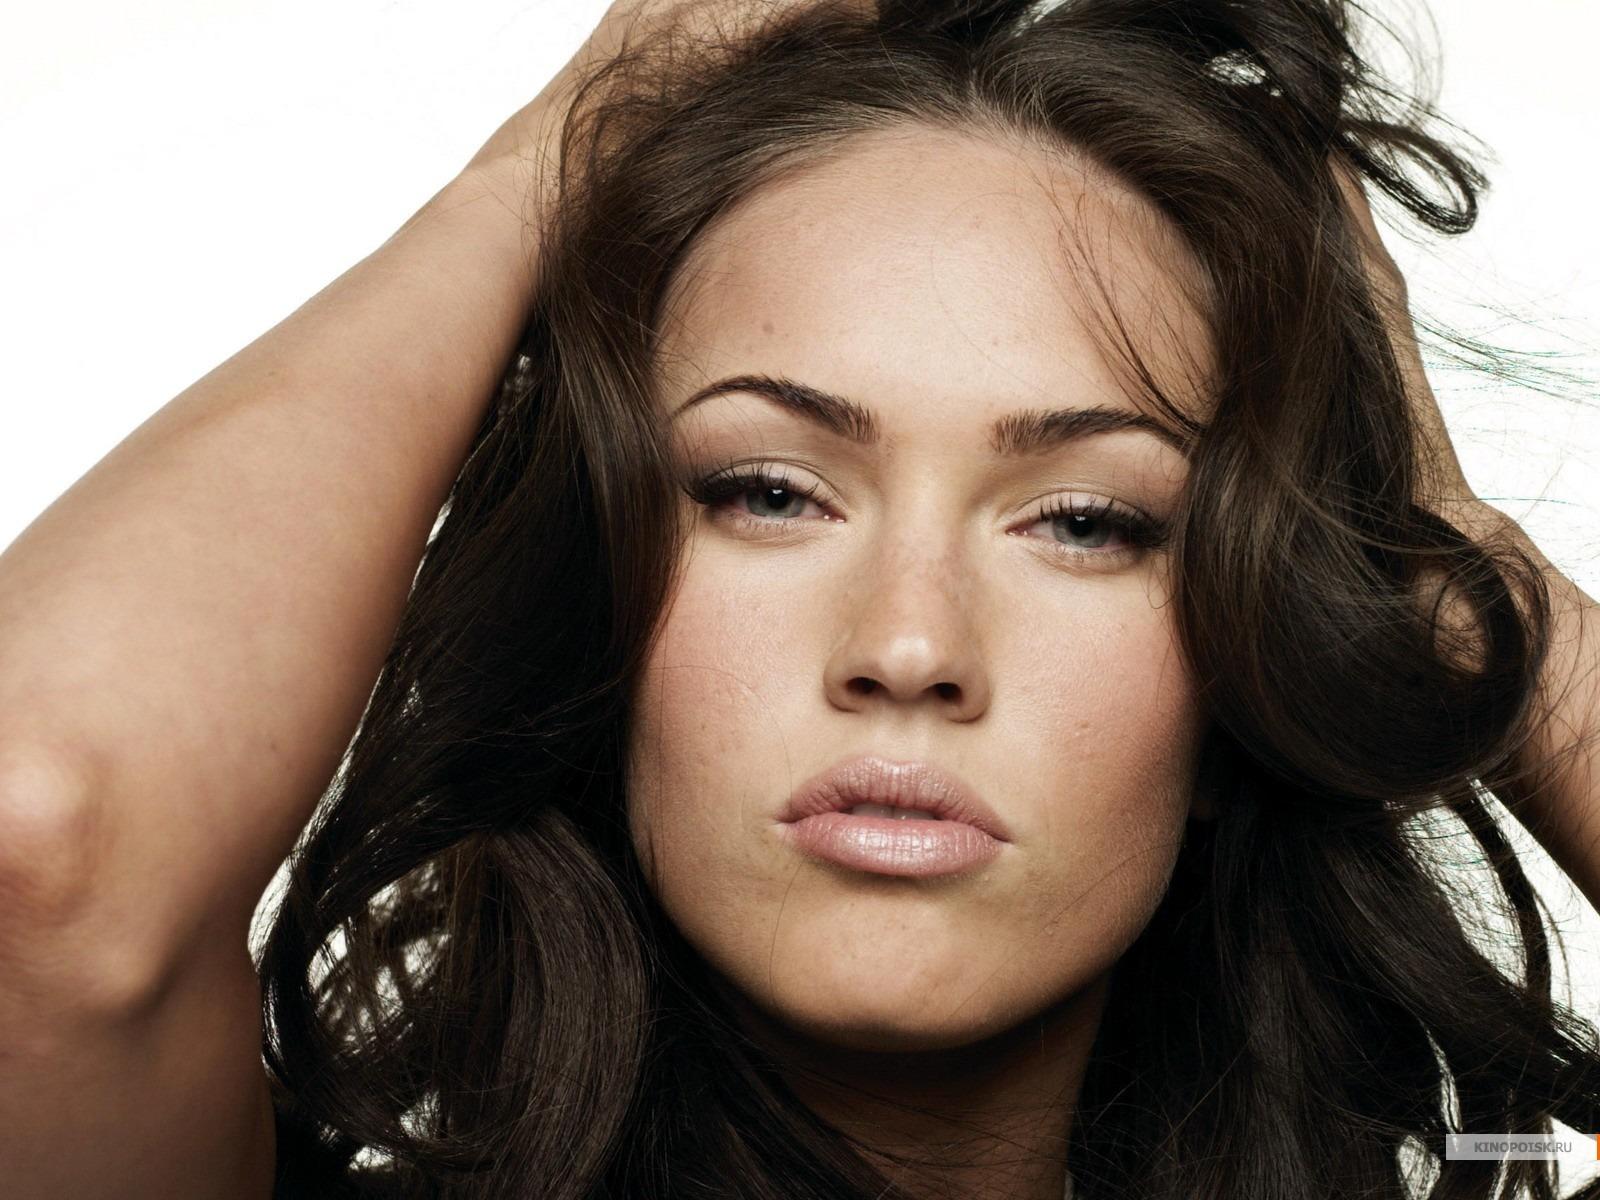 http://2.bp.blogspot.com/-mGu4Sh7Q0Ic/TnZQ-3dMH4I/AAAAAAAAAUc/vAtx2nQIXpQ/s1600/Megan-Fox-kiss-756.jpg